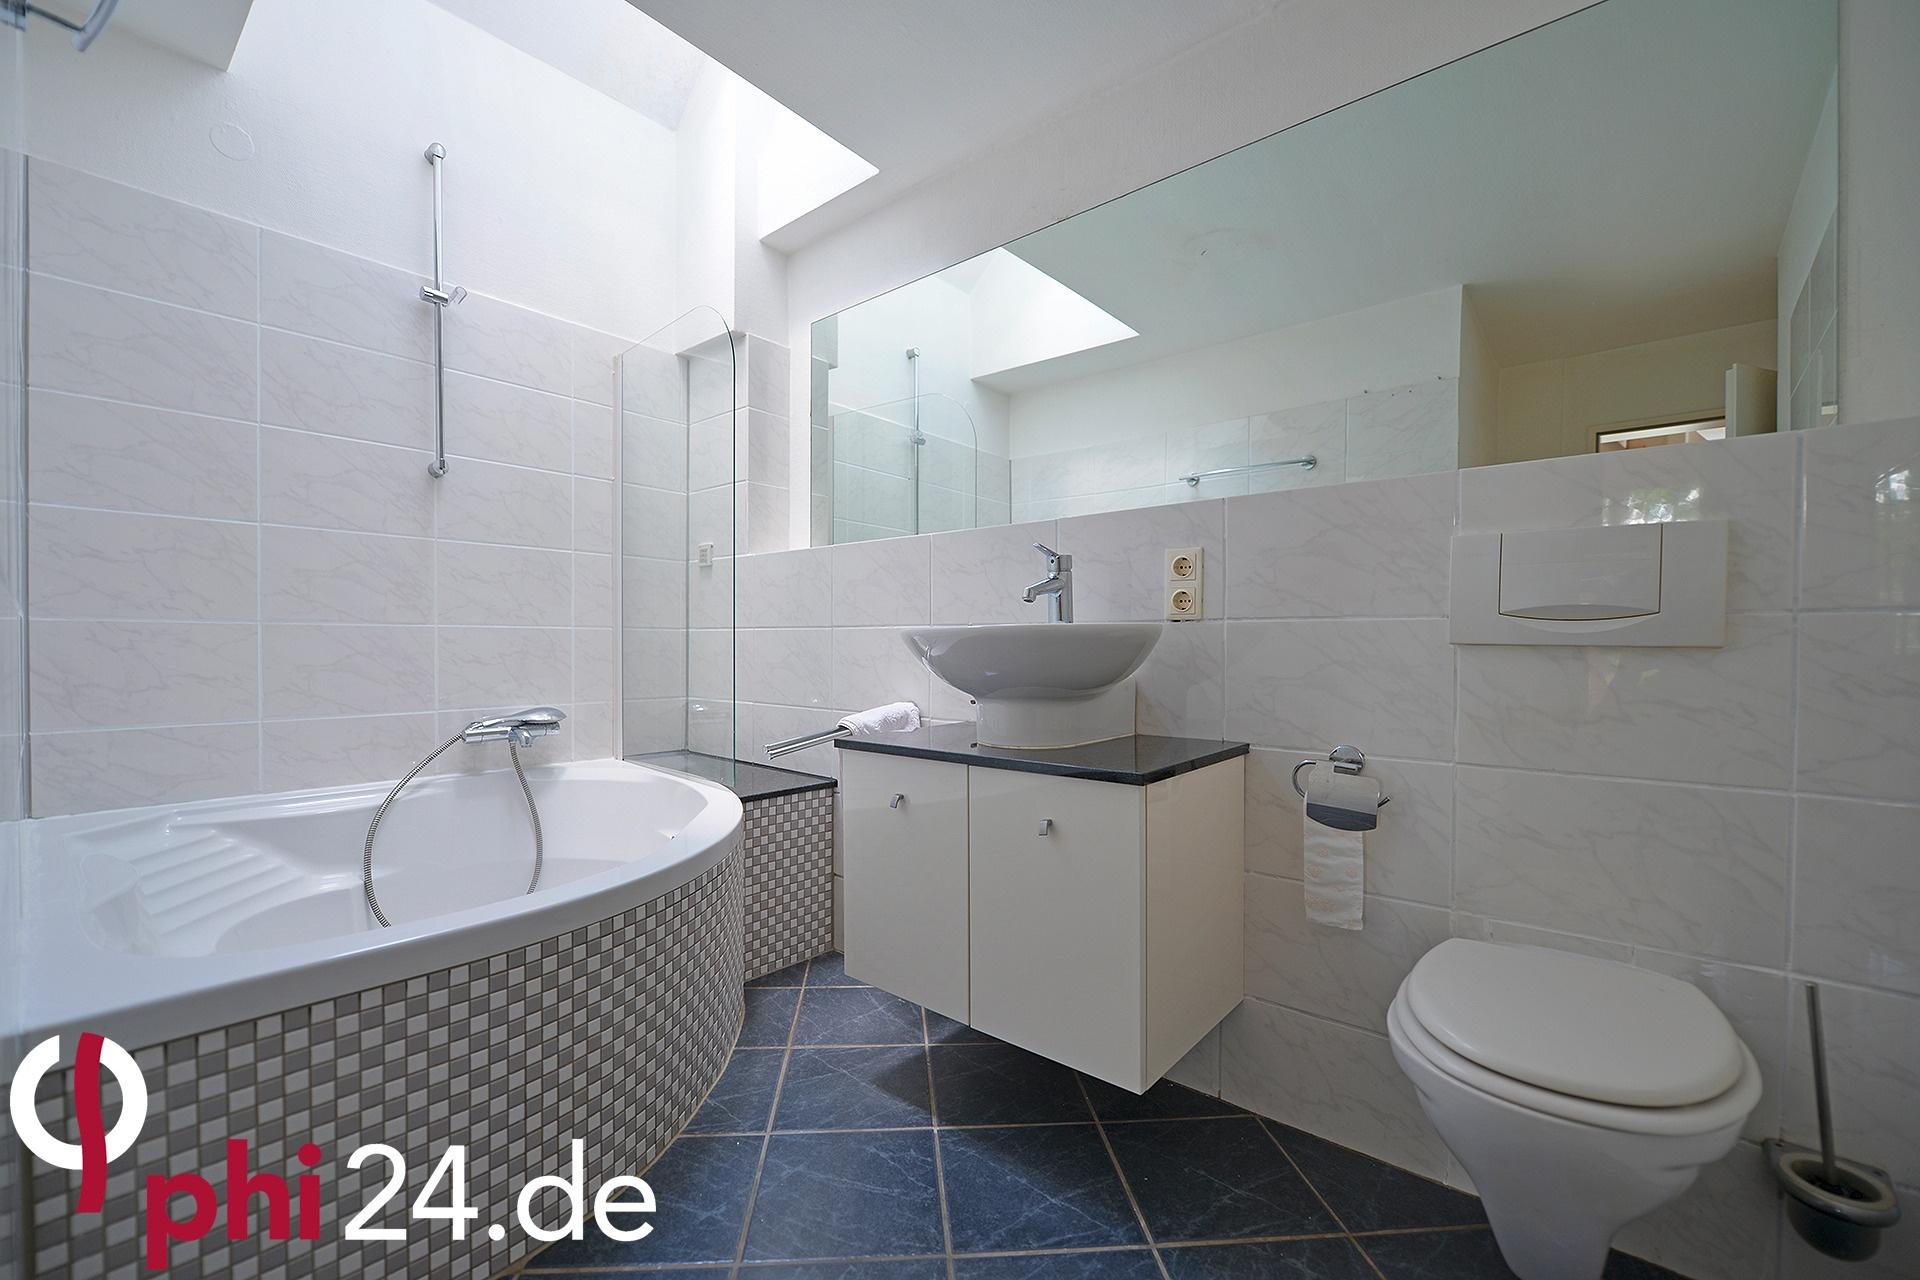 Immobilienmakler Roetgen-Rott Doppelhaushälfte referenzen mit Immobilienbewertung